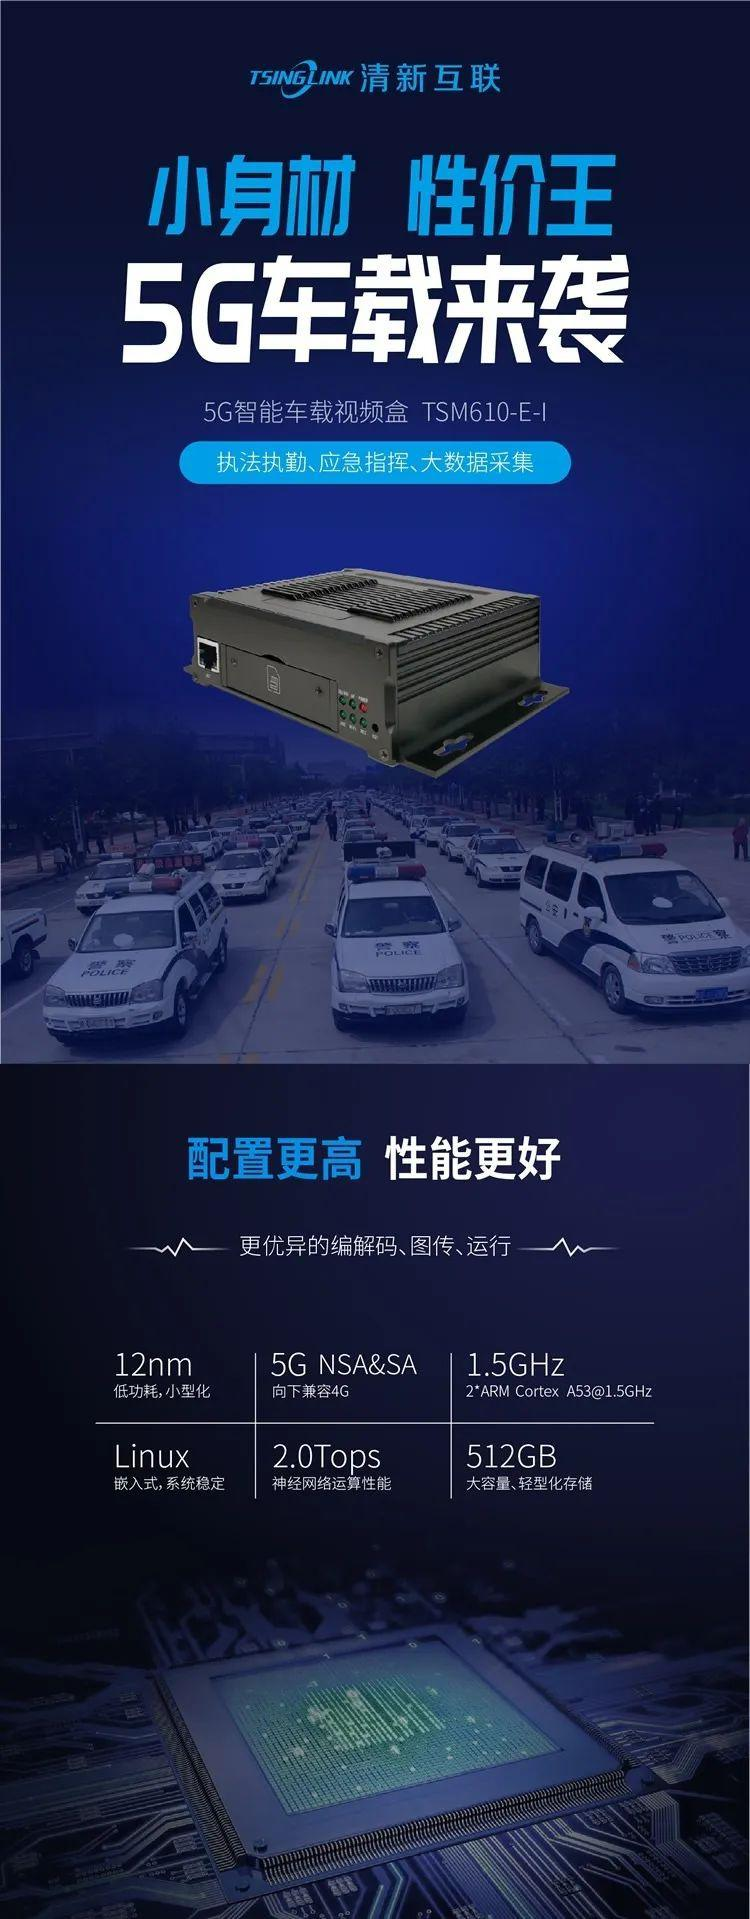 新品发布 | 清新互联发布5G智能车载视频盒